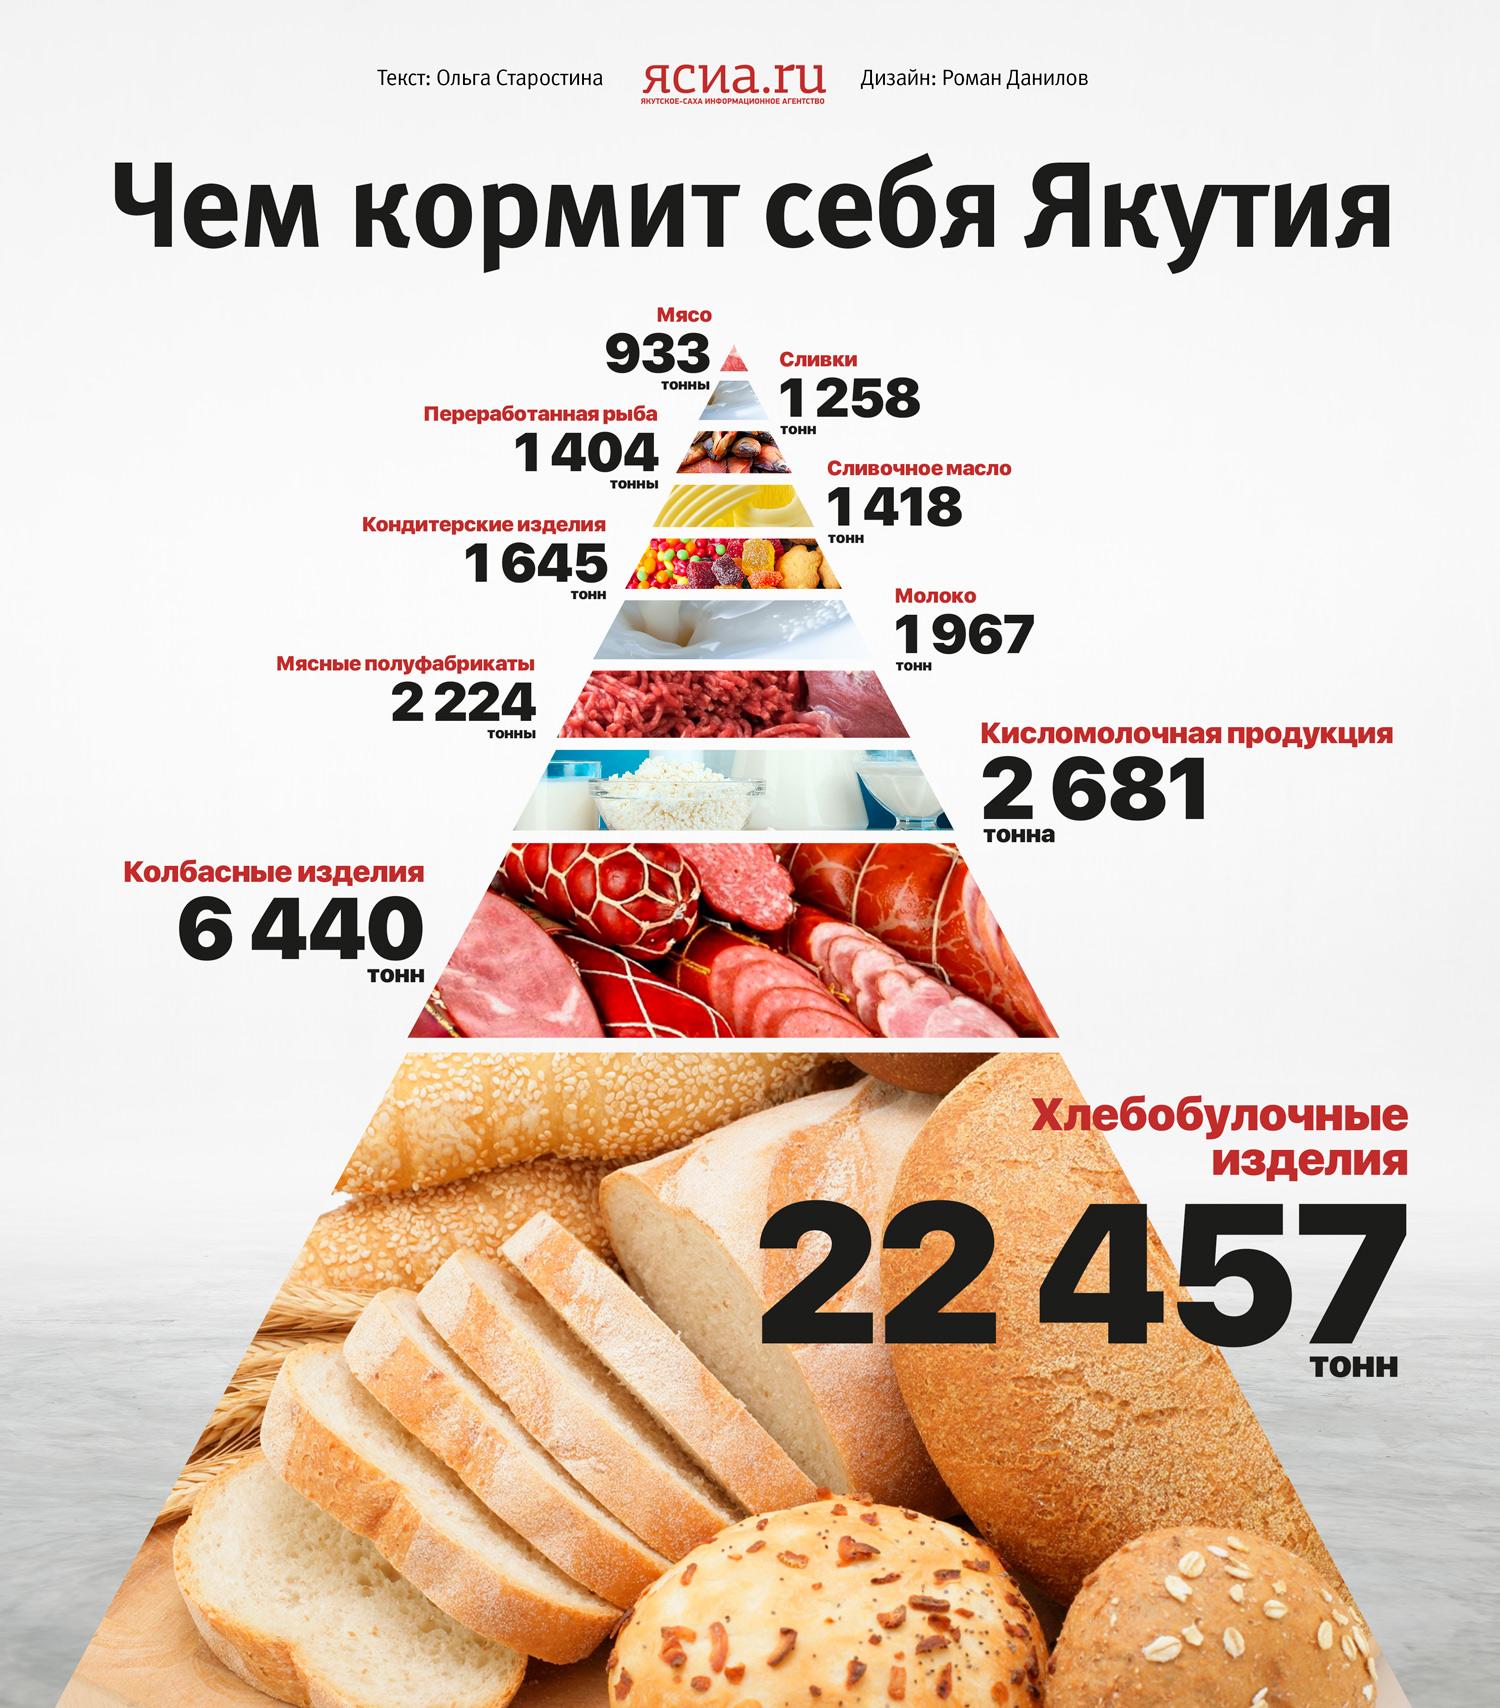 Инфографика: Чем кормит себя Якутия